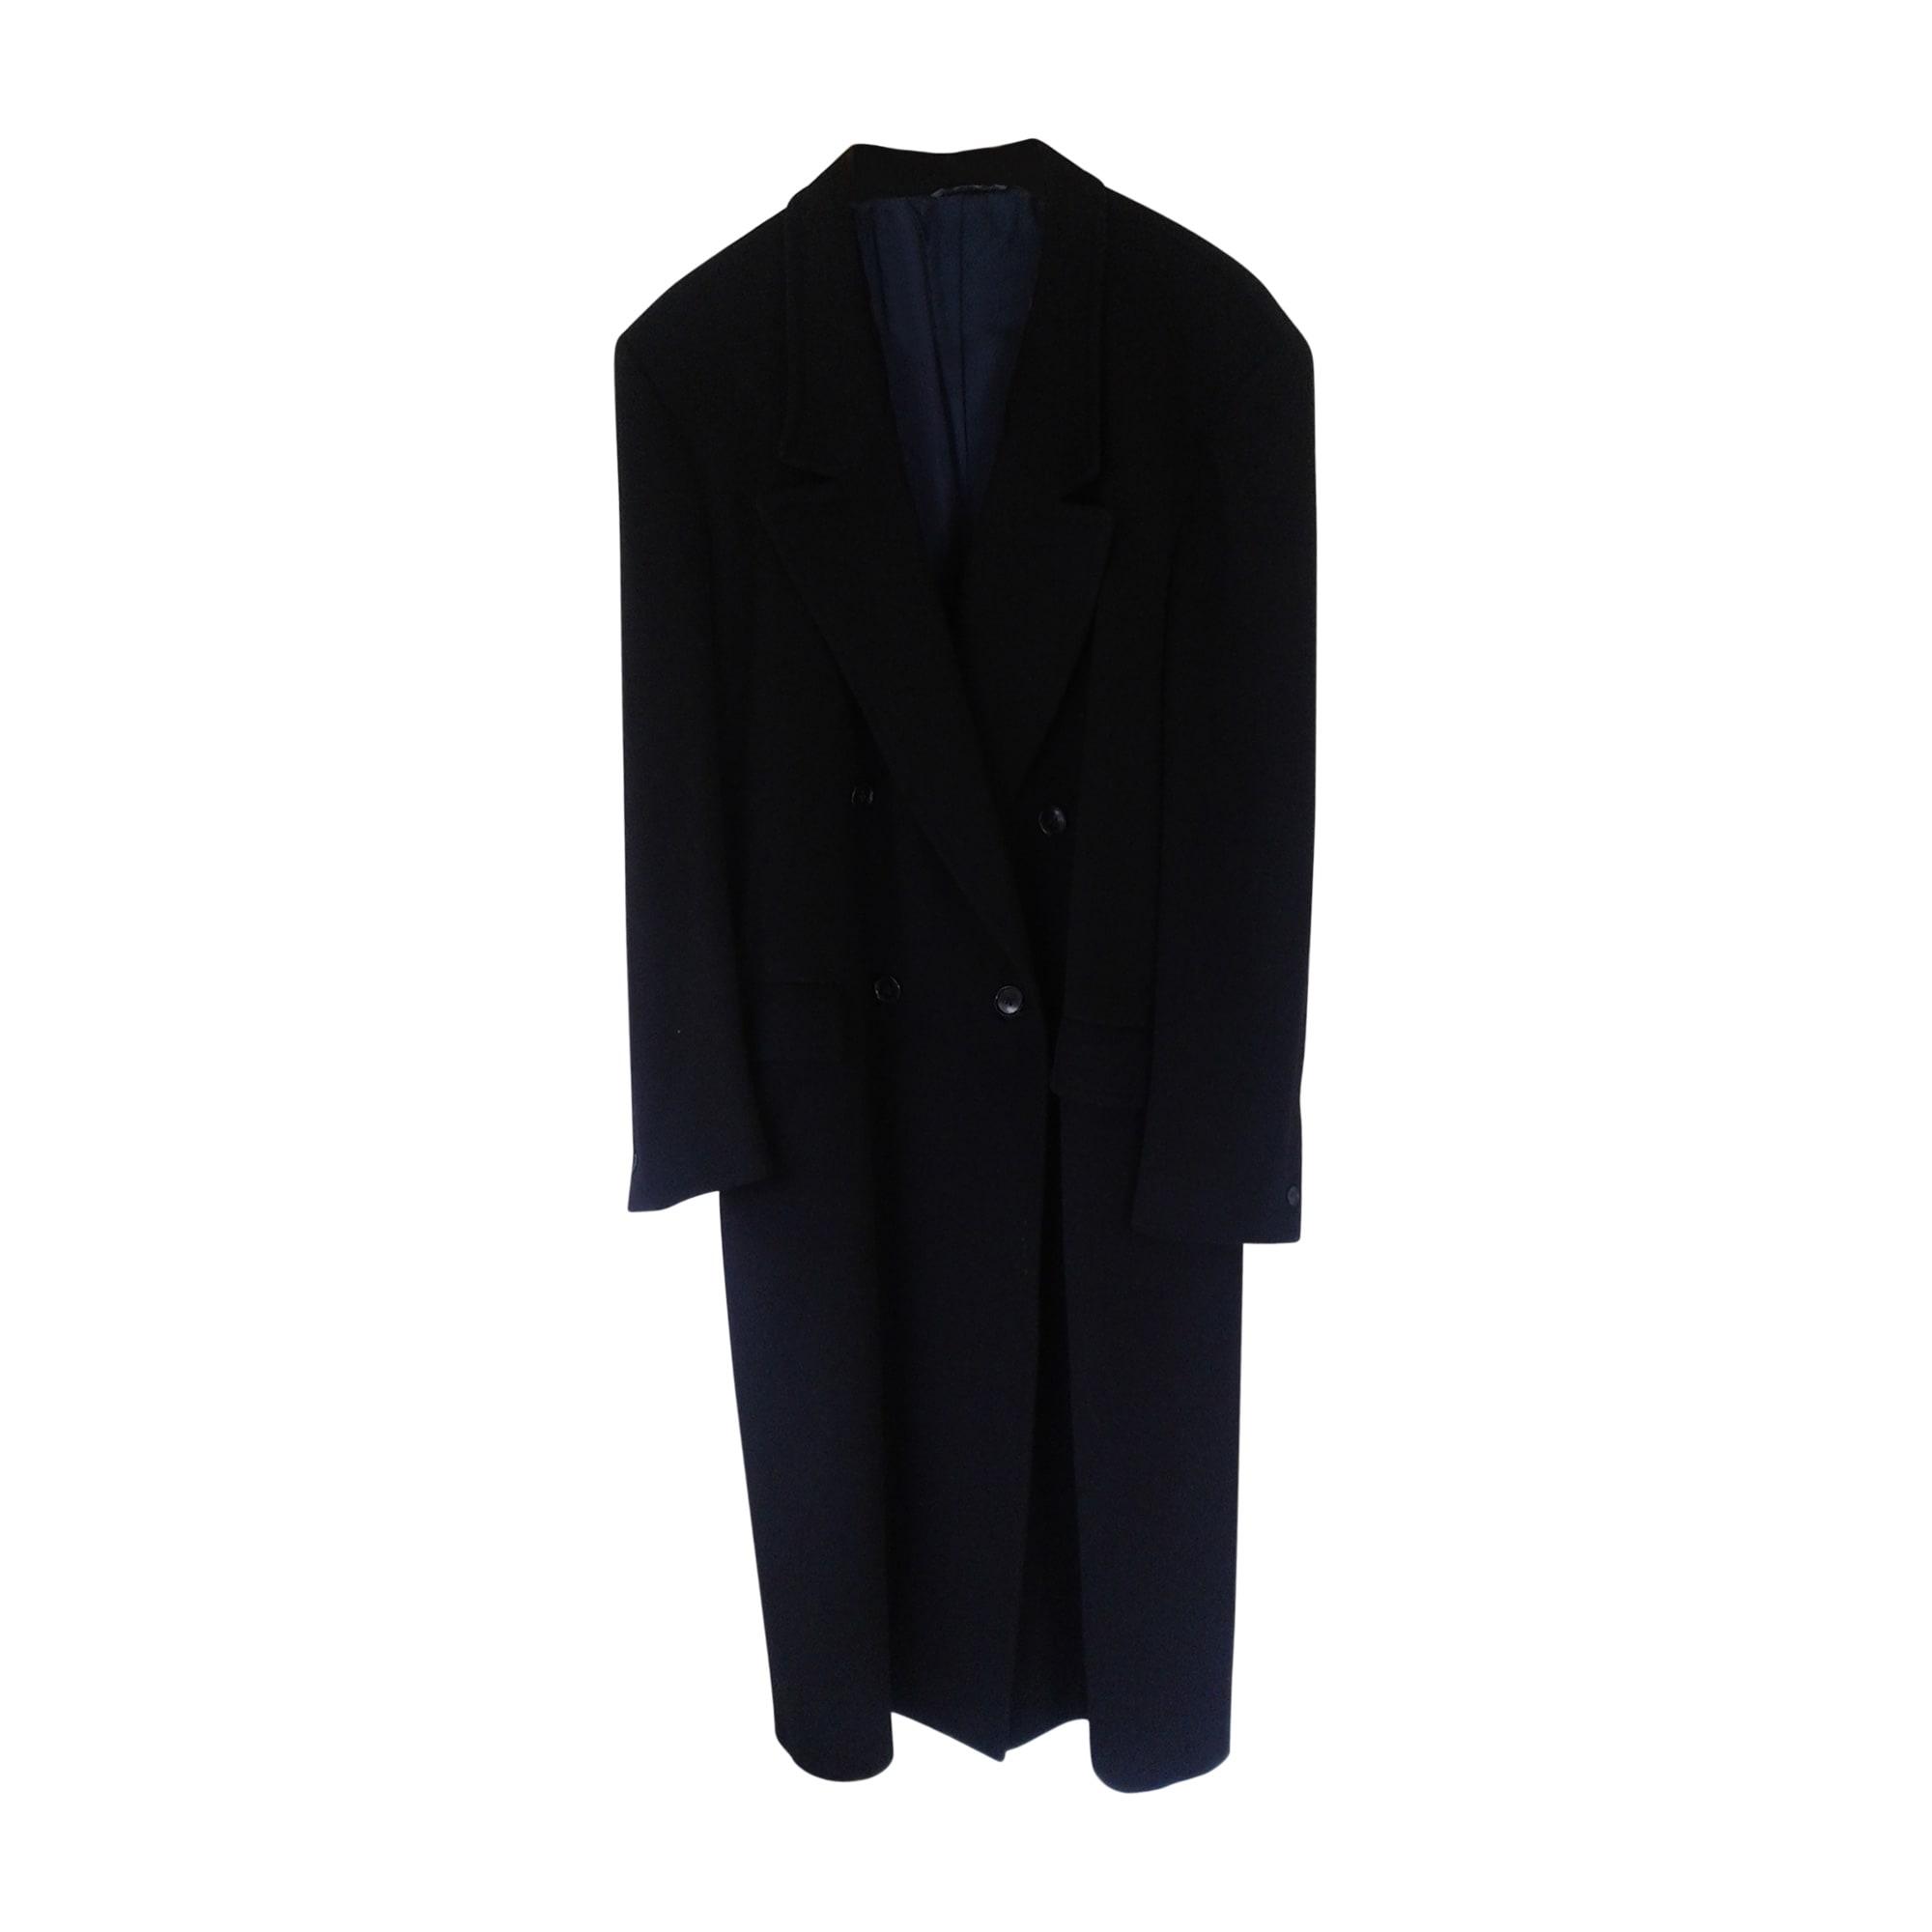 Manteau VERSACE 54 (L) bleu vendu par Alou64600a - 4884439 4eed168f3ec